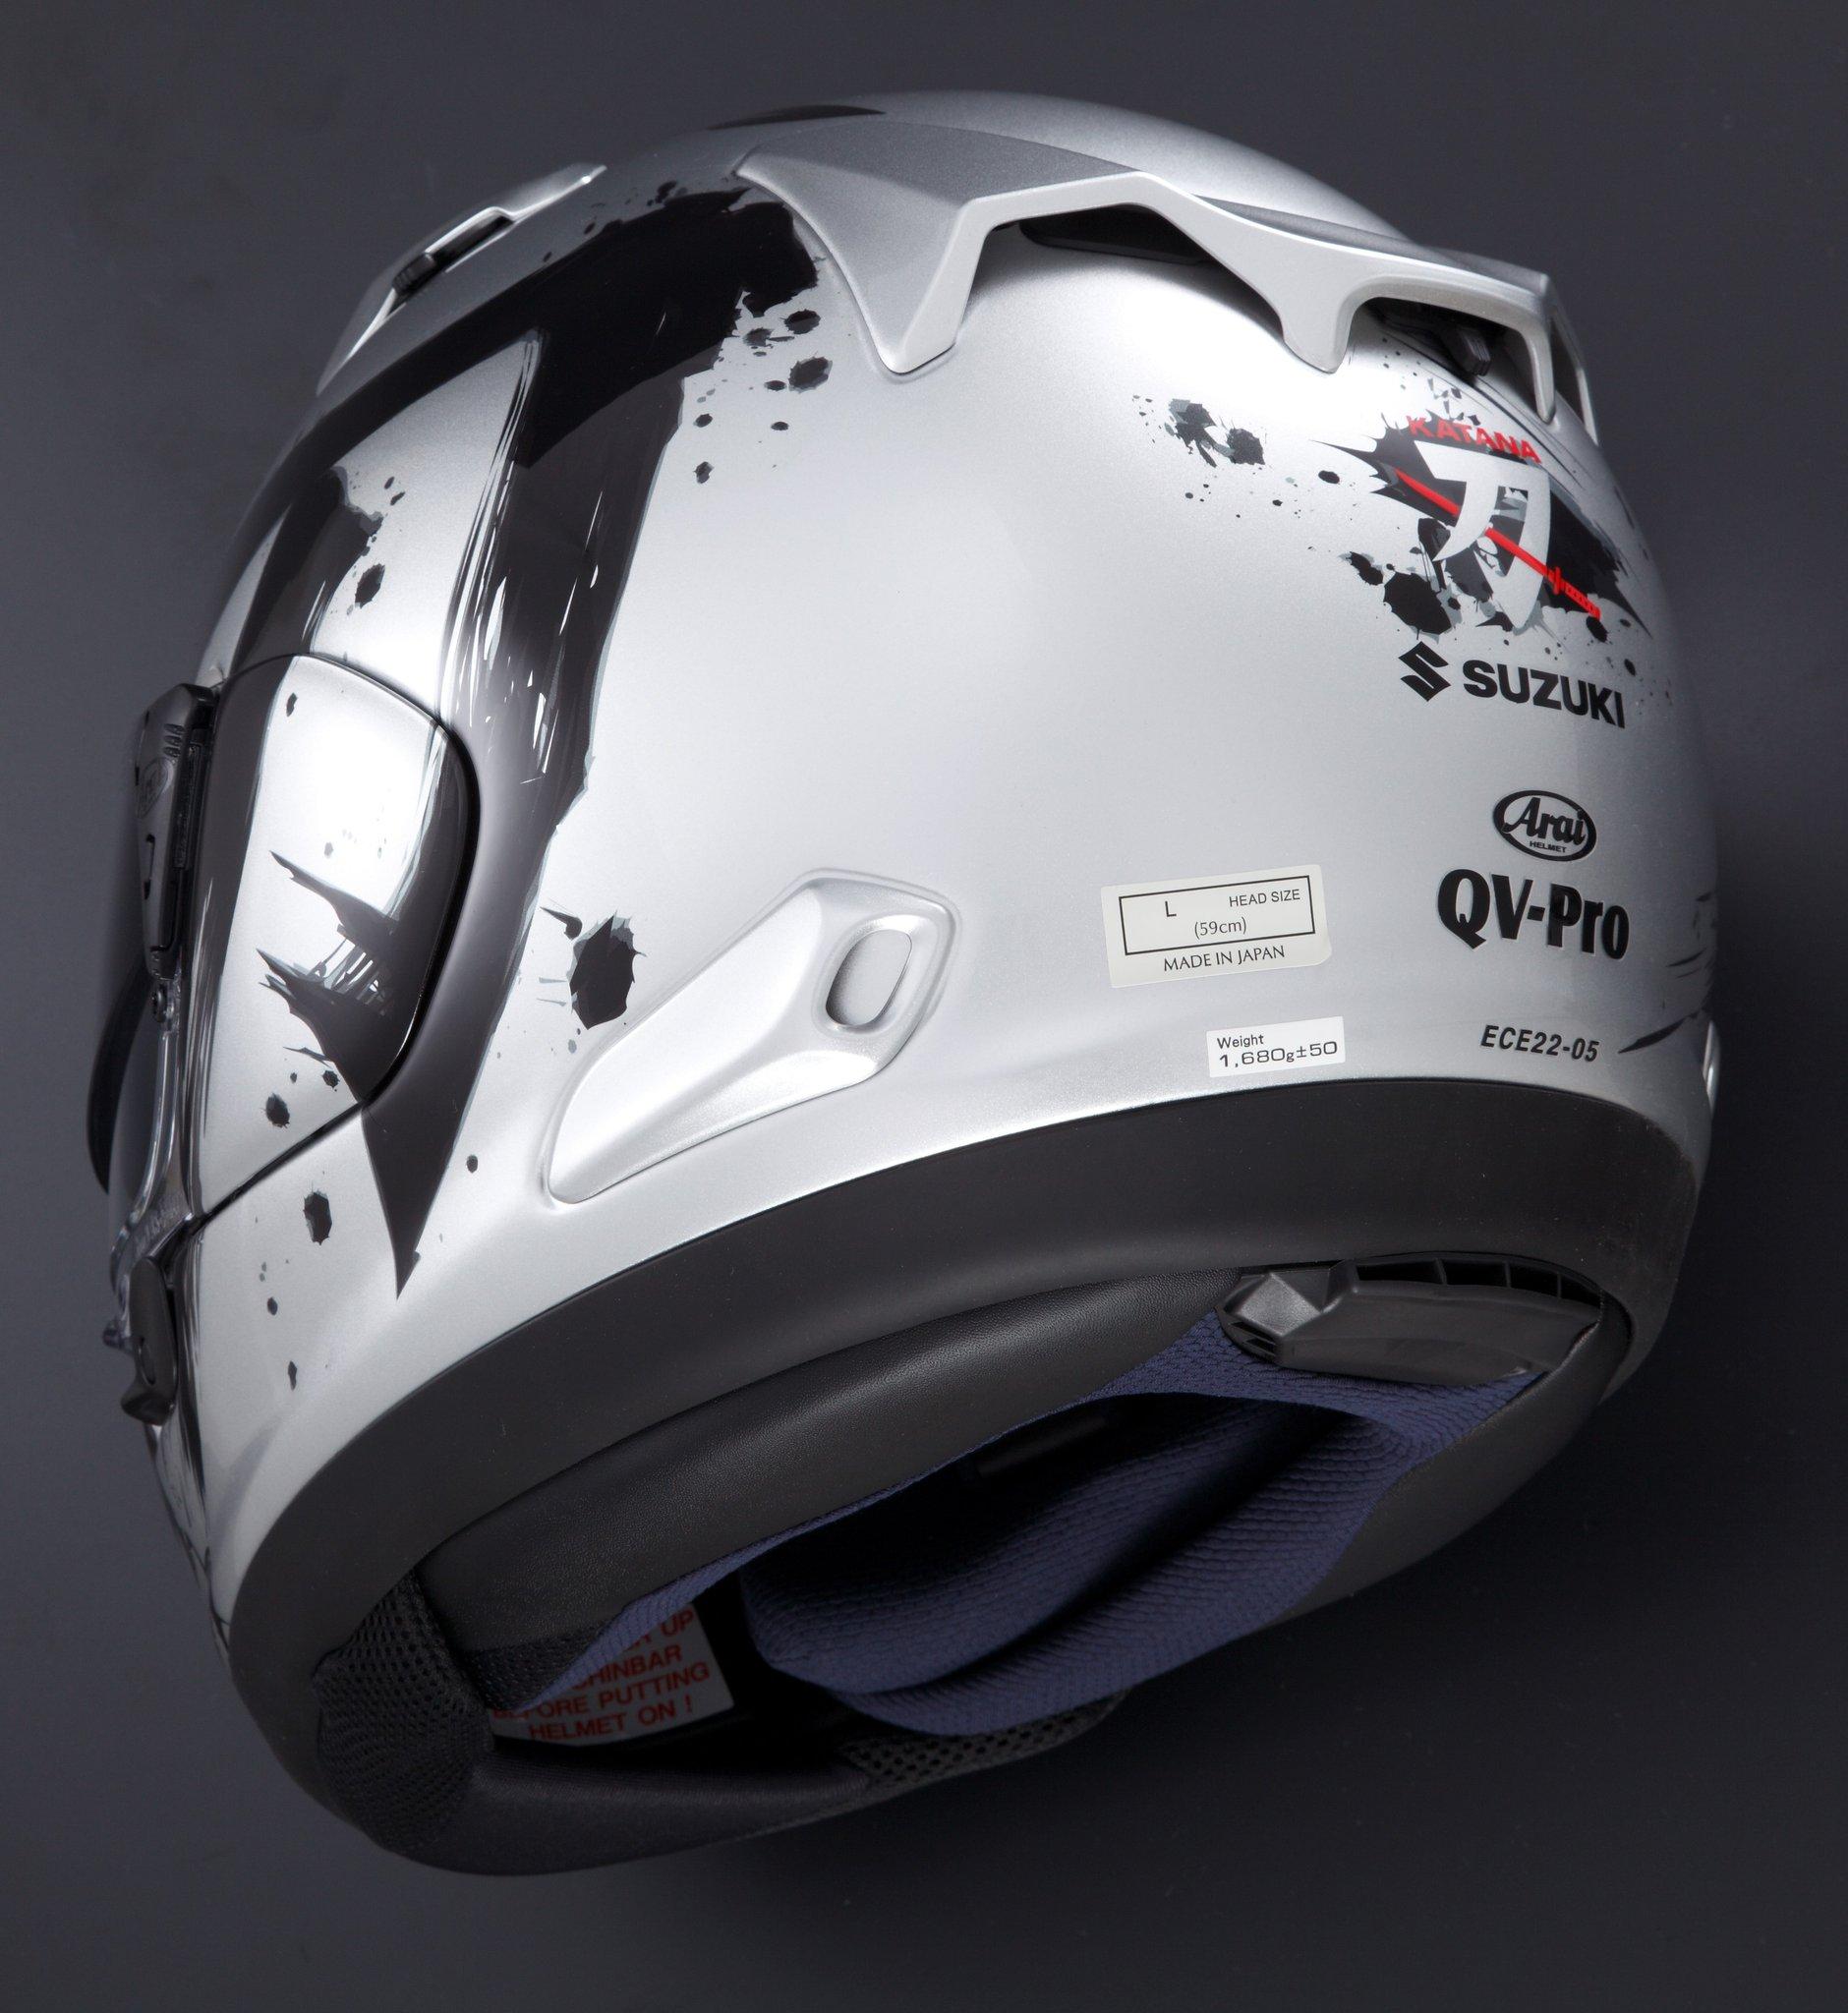 該頂安全帽在台灣的名稱為ASTRAL X,但在海外的名稱則是QV-Pro